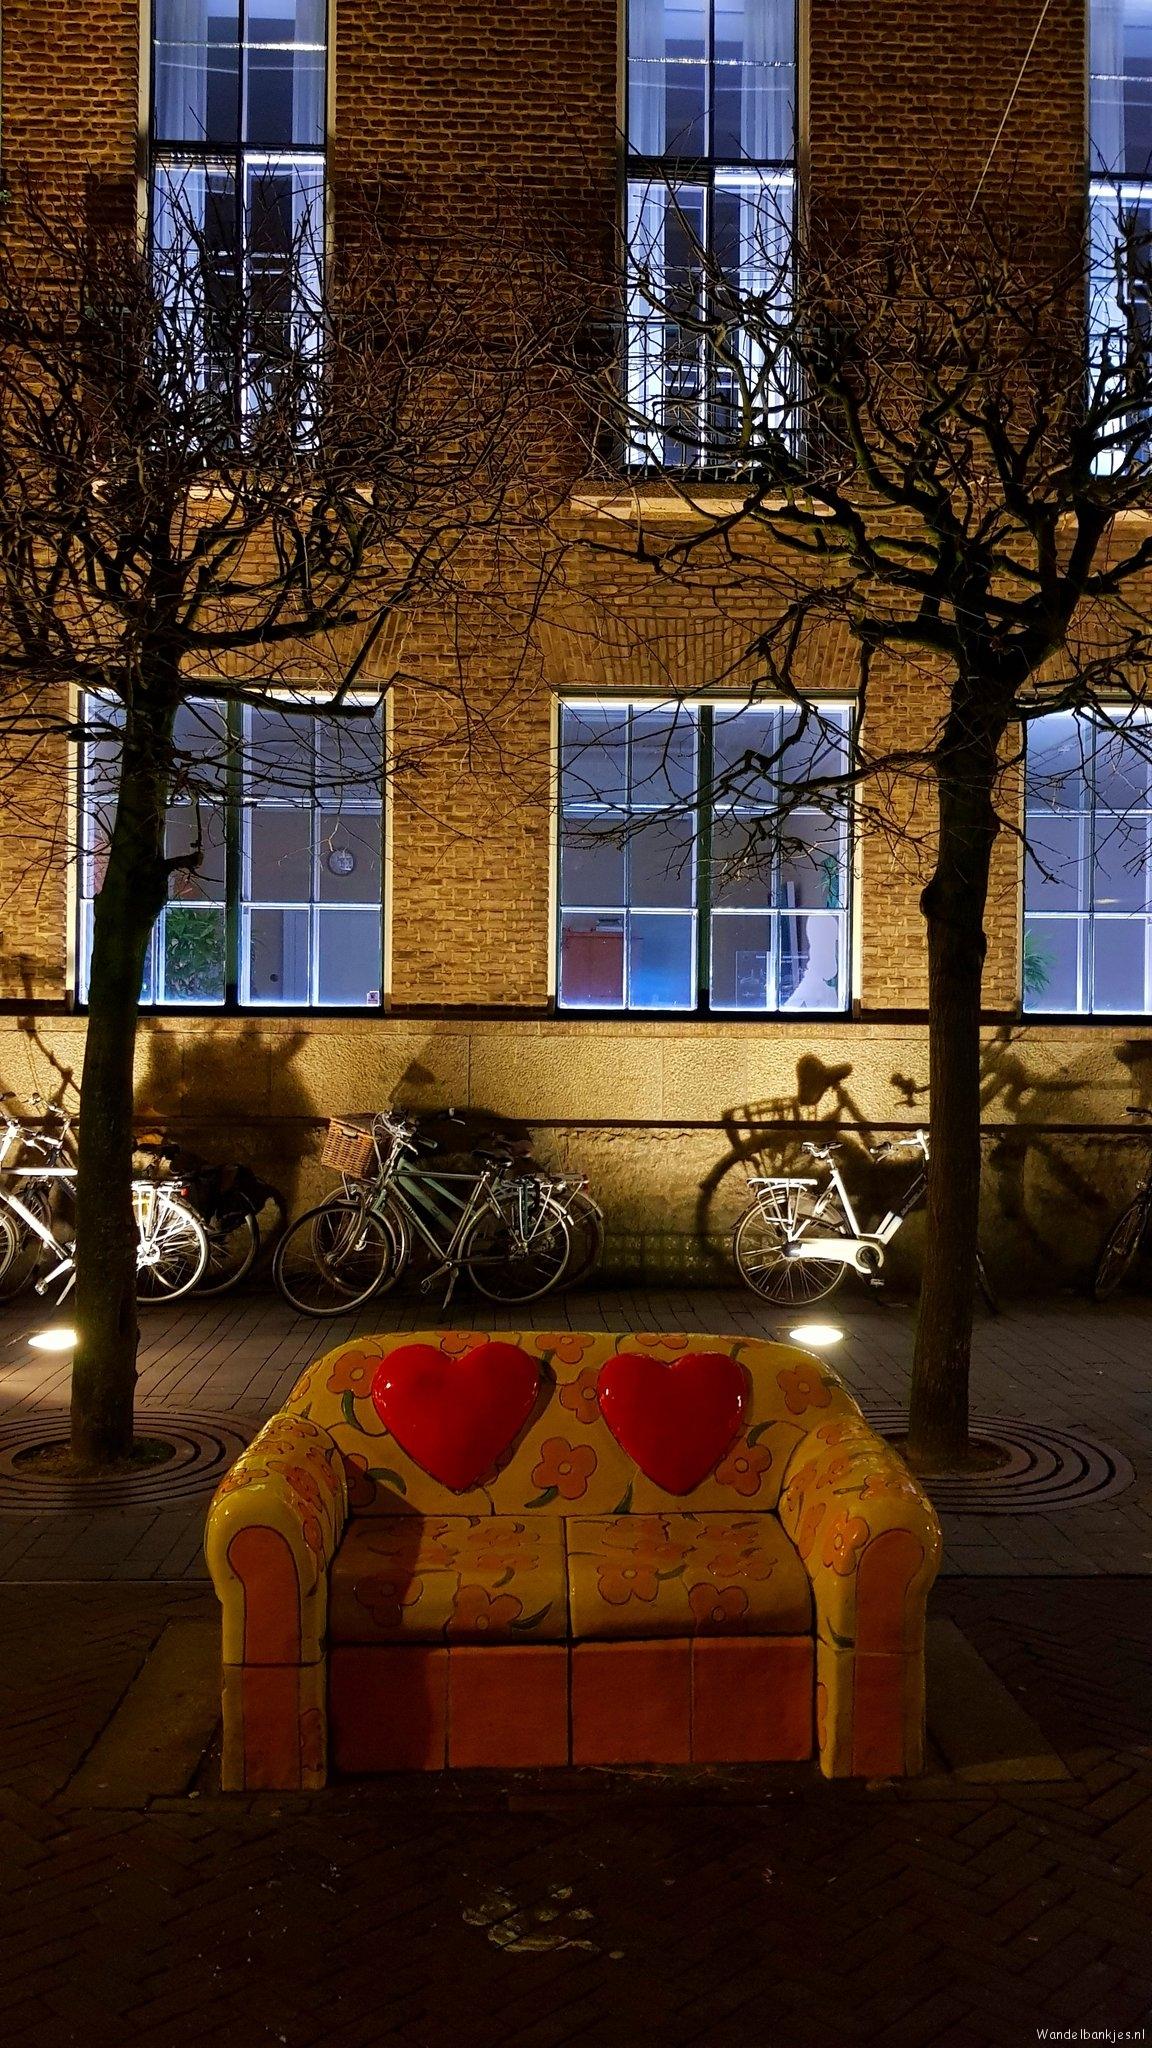 rt-hansterheijne-walking-benches-walkersbenches-myfavebench-love-bench-lovebench-enschede-twente-nederland-netherlands-https